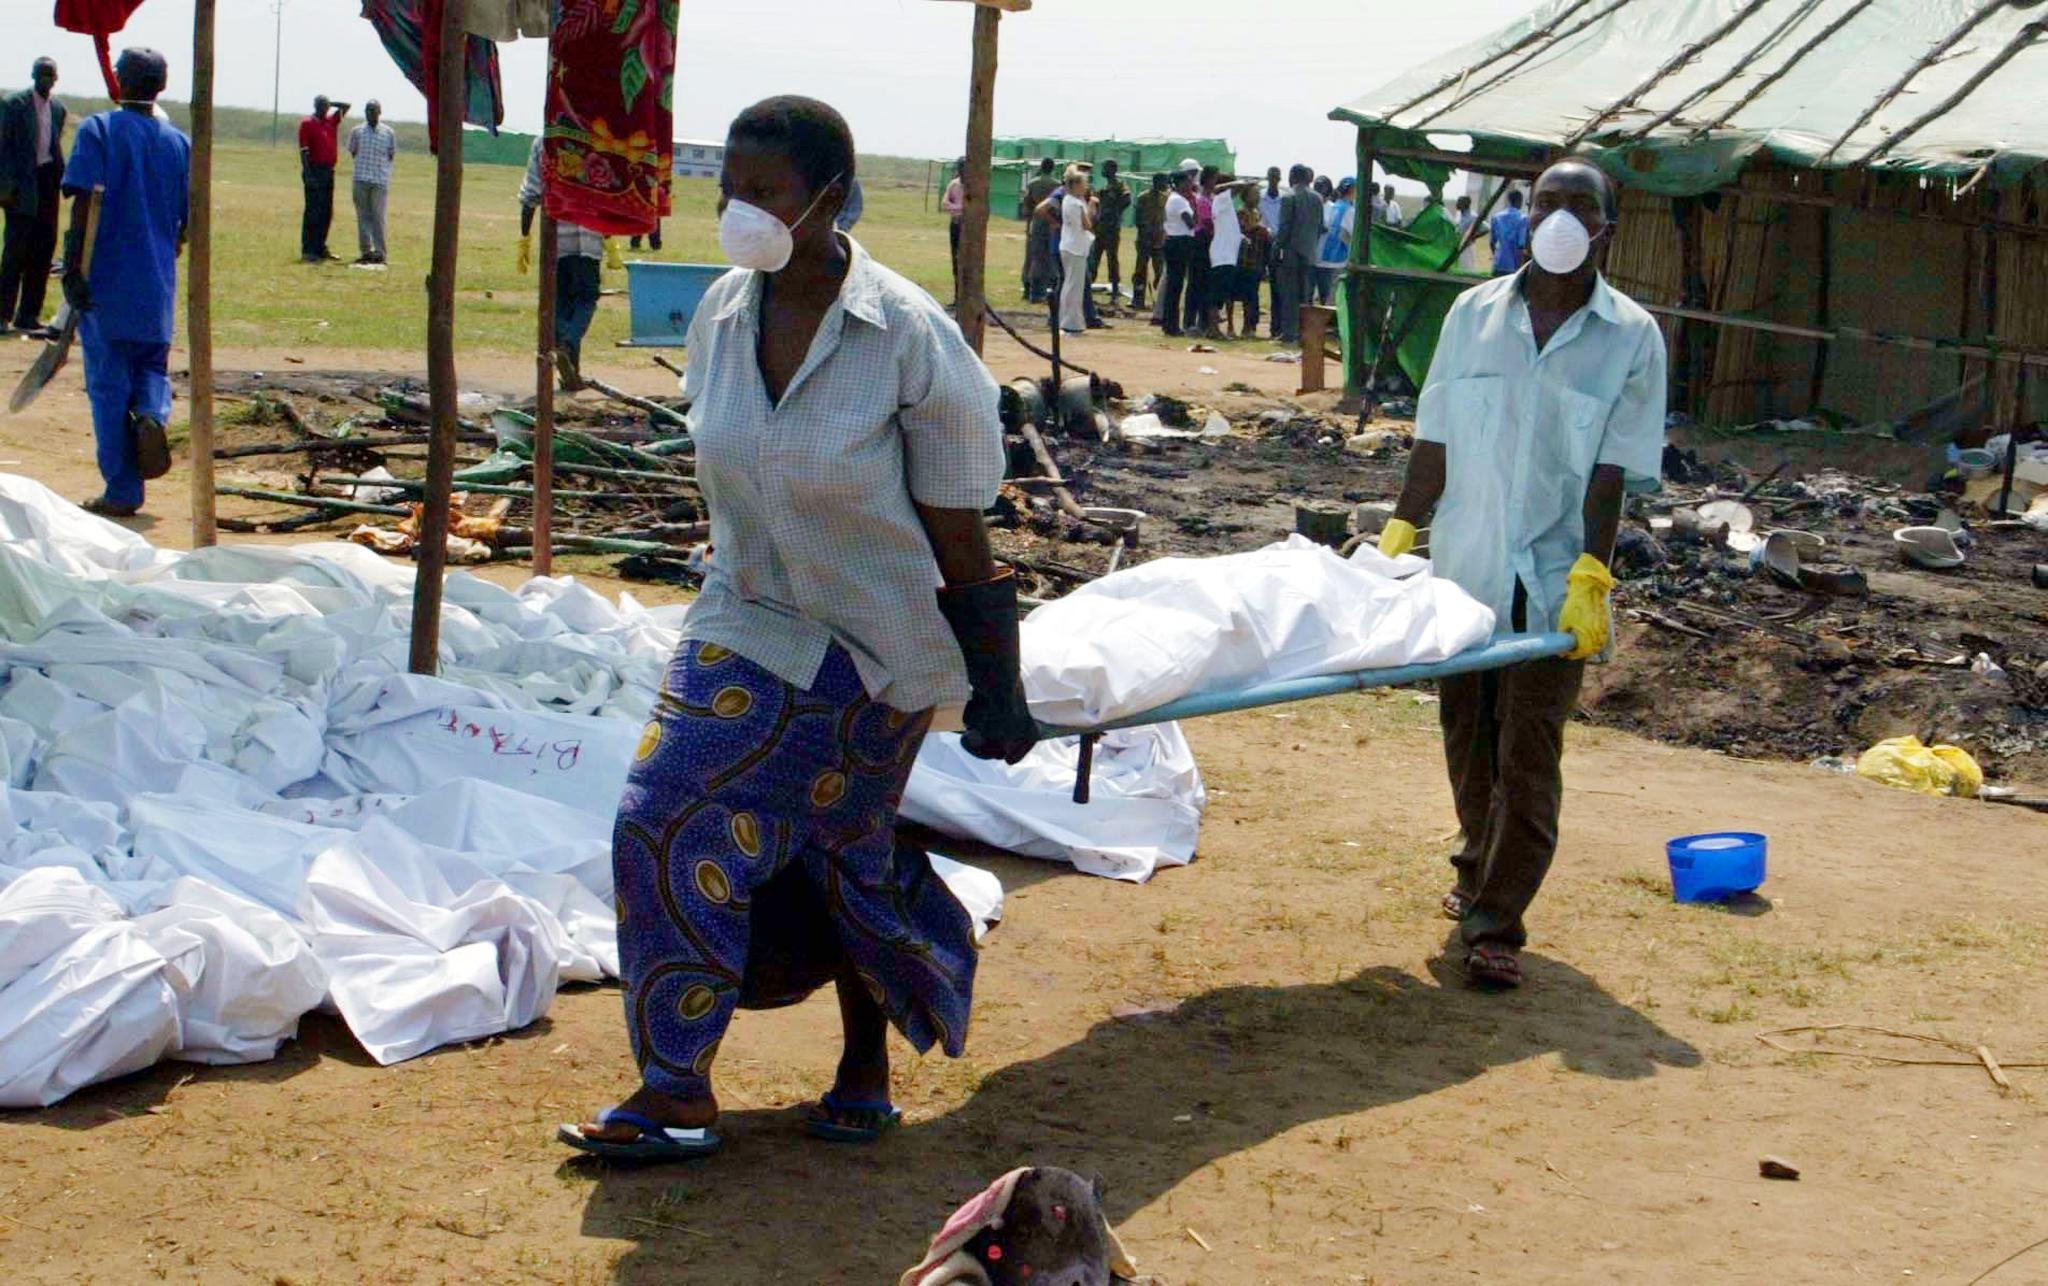 Des volontaires transportent les corps des 160 victimes, le 14 août 2004, au lendemain du massacre du camp de réfugiés de Gatumba.